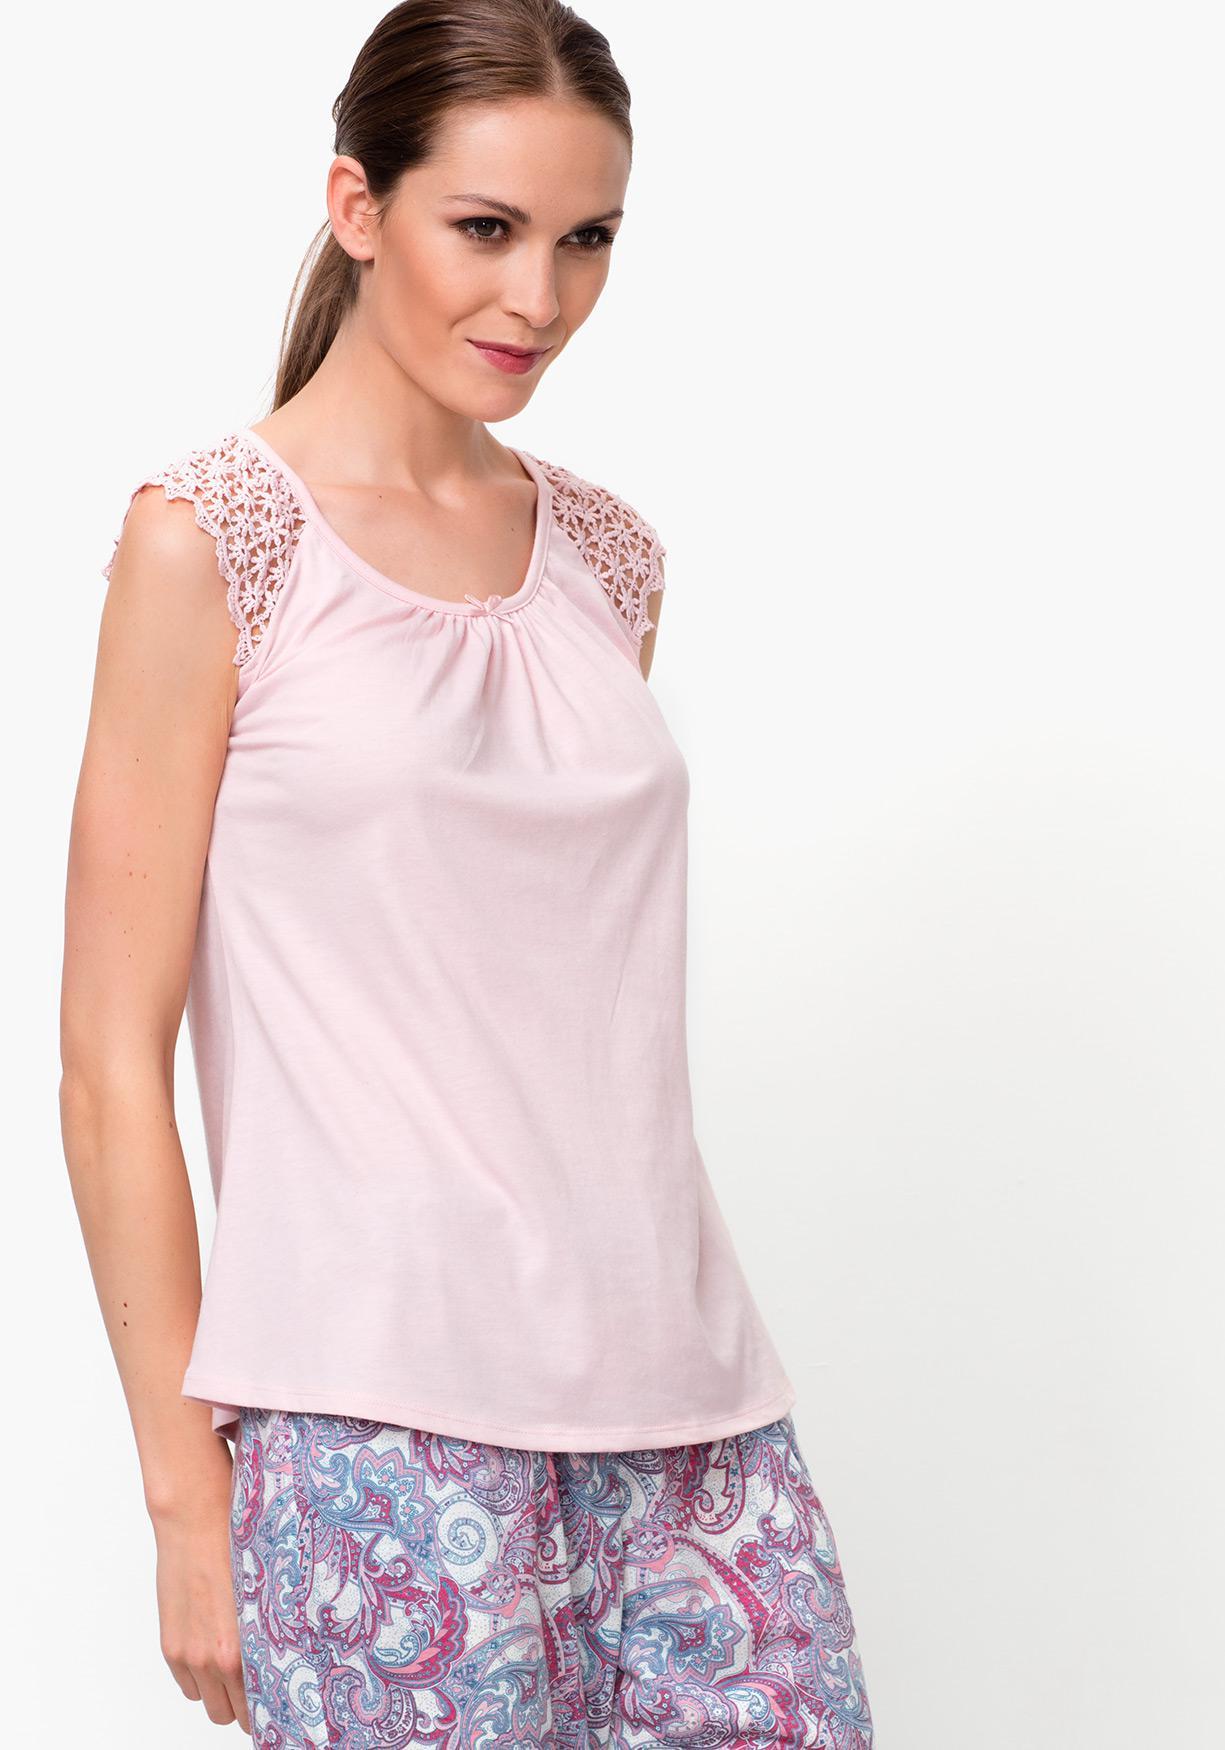 Comprar Camiseta lencería de mujer TEX. ¡Aprovéchate de nuestros ... 3f8d24c58890